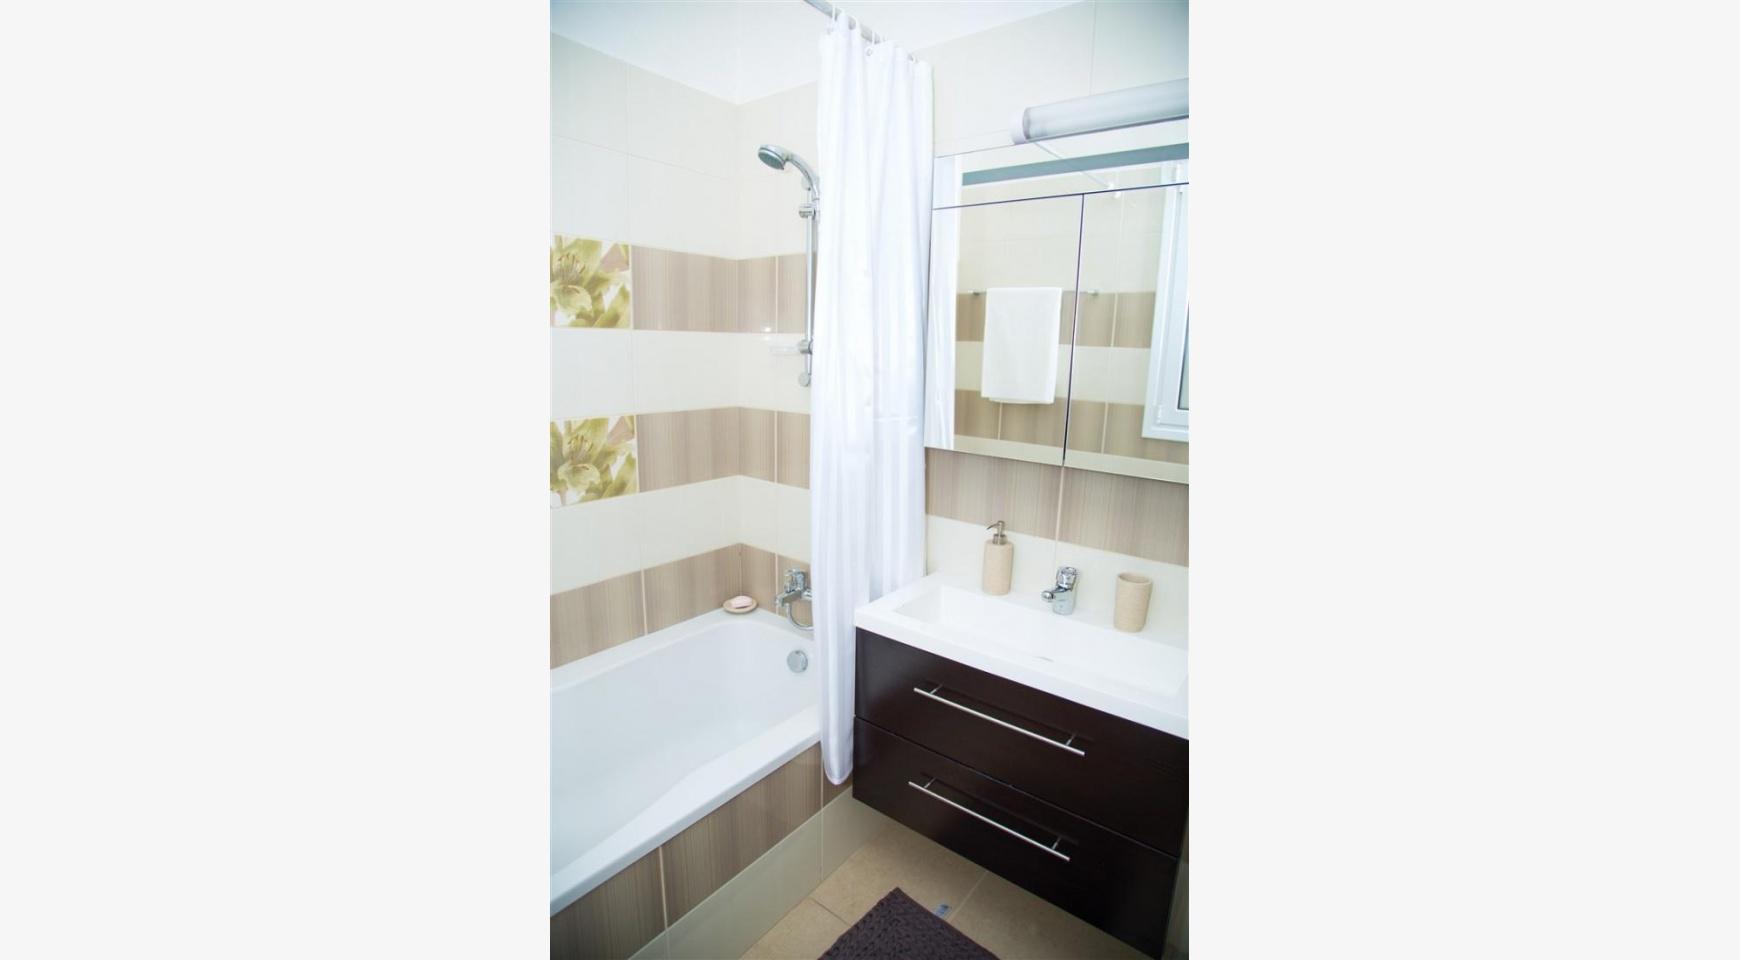 Μοντέρνο διαμέρισμα 2 υπνοδωματίων στην περιοχή Ποταμός Γερμασόγειας - 14